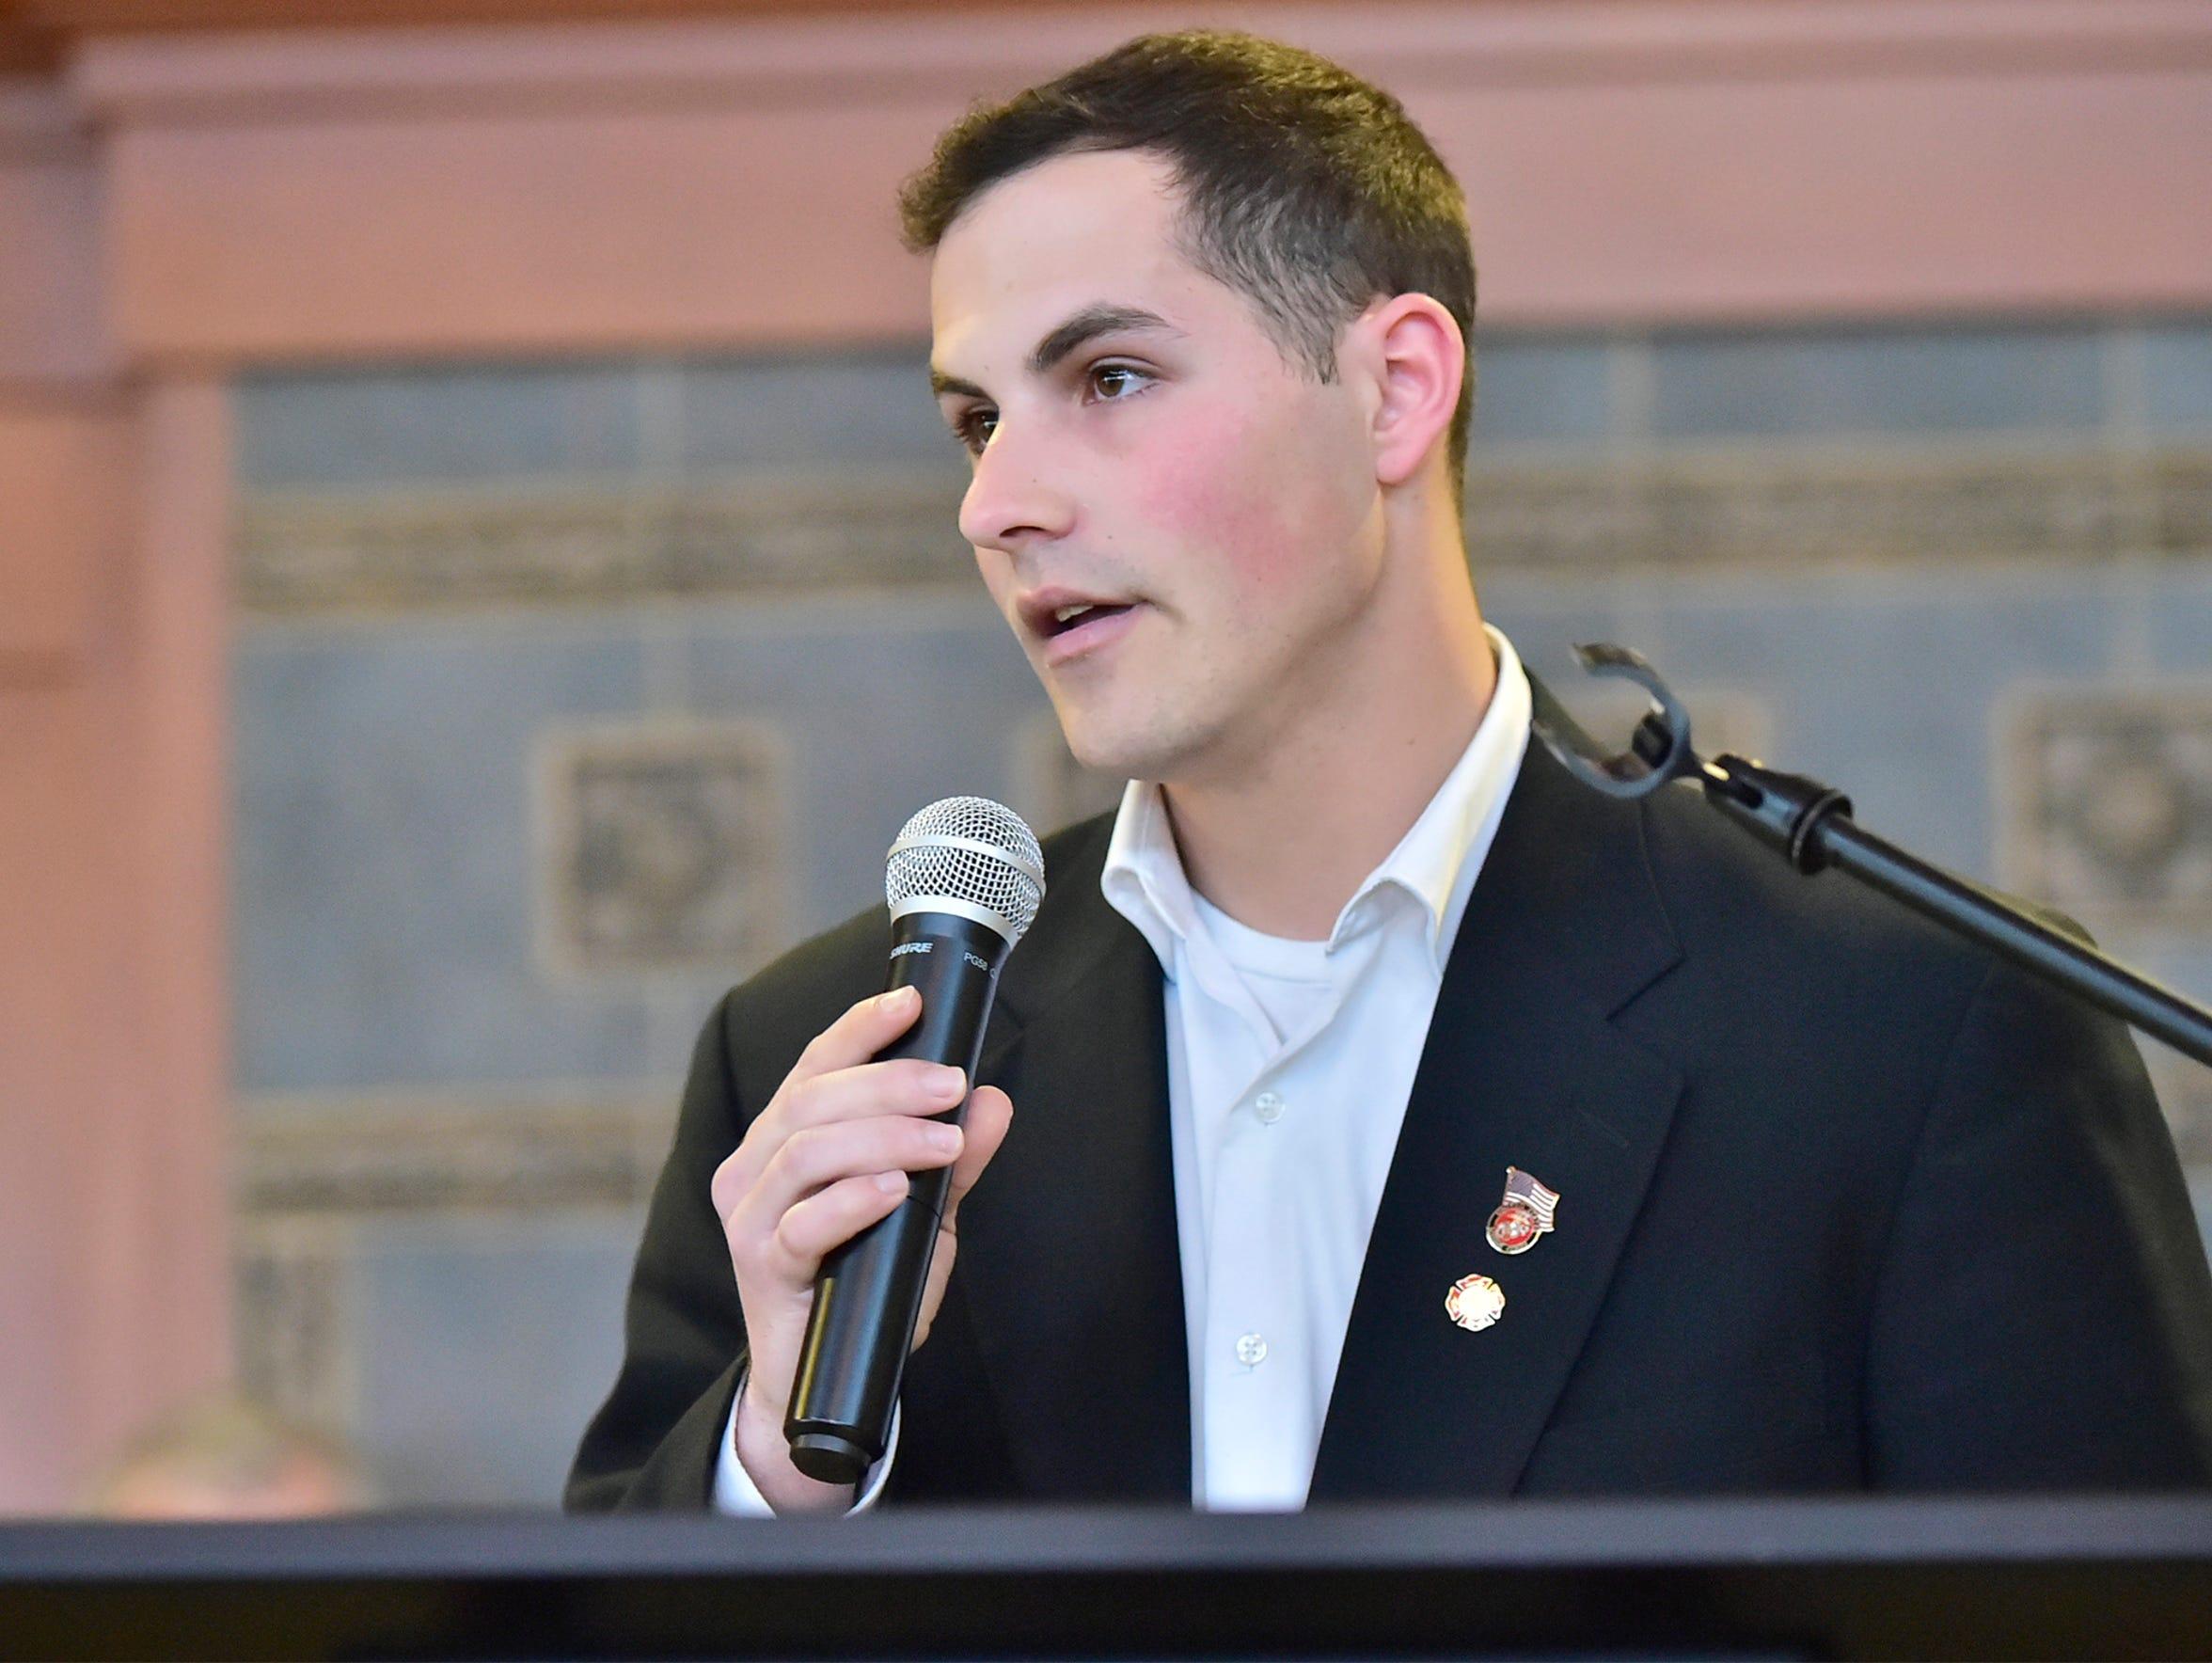 Ben Hornberger speaks during a Q & A for U.S. Congress